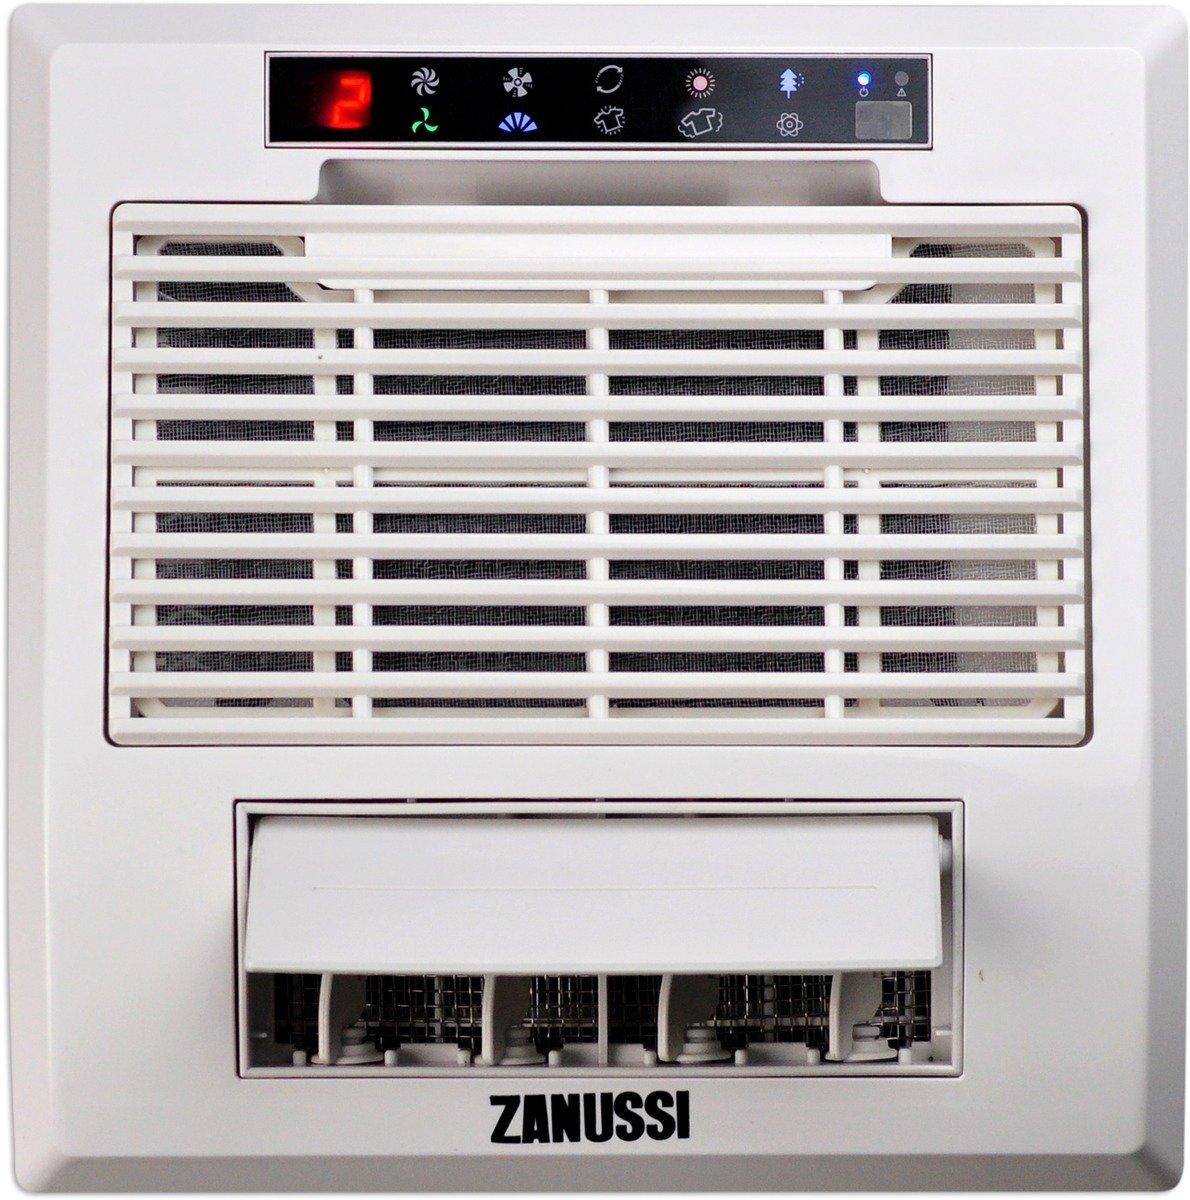 #ZBH813 送窗口式標準安裝 - 浴室小精靈(浴室寶、浴室暖風機)